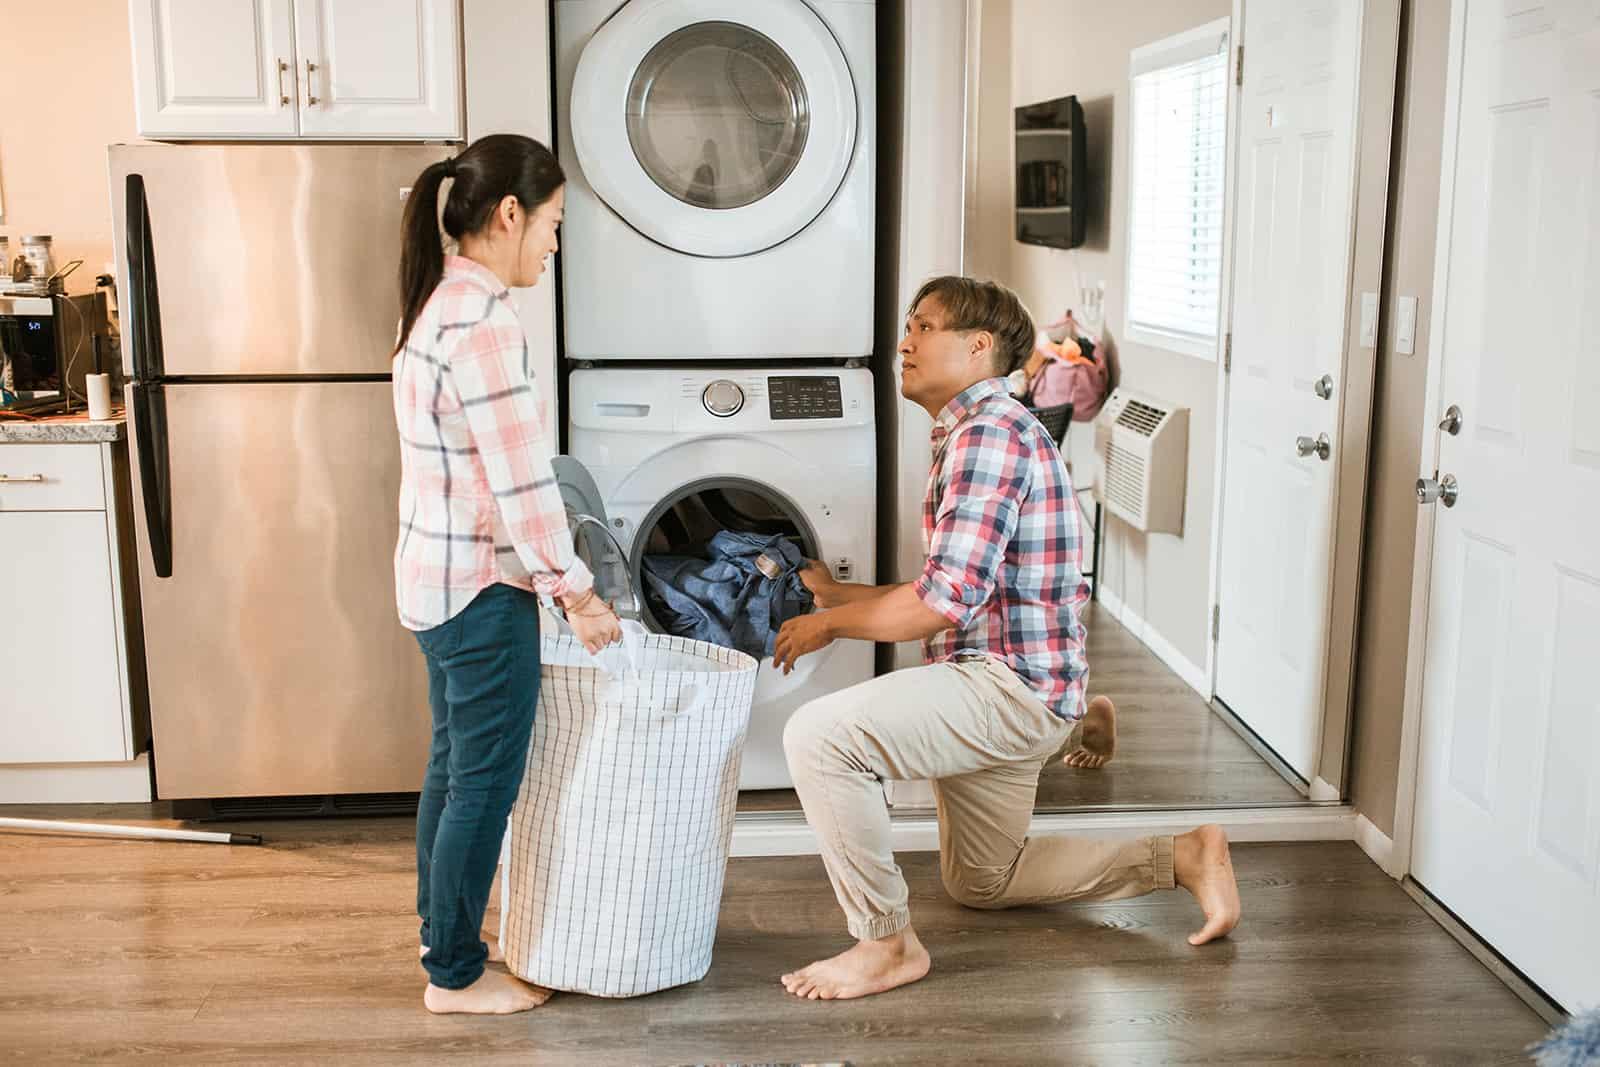 Ein Mann hilft ihrer Frau, Wäsche aus einer Waschmaschine zu holen in einen Korb